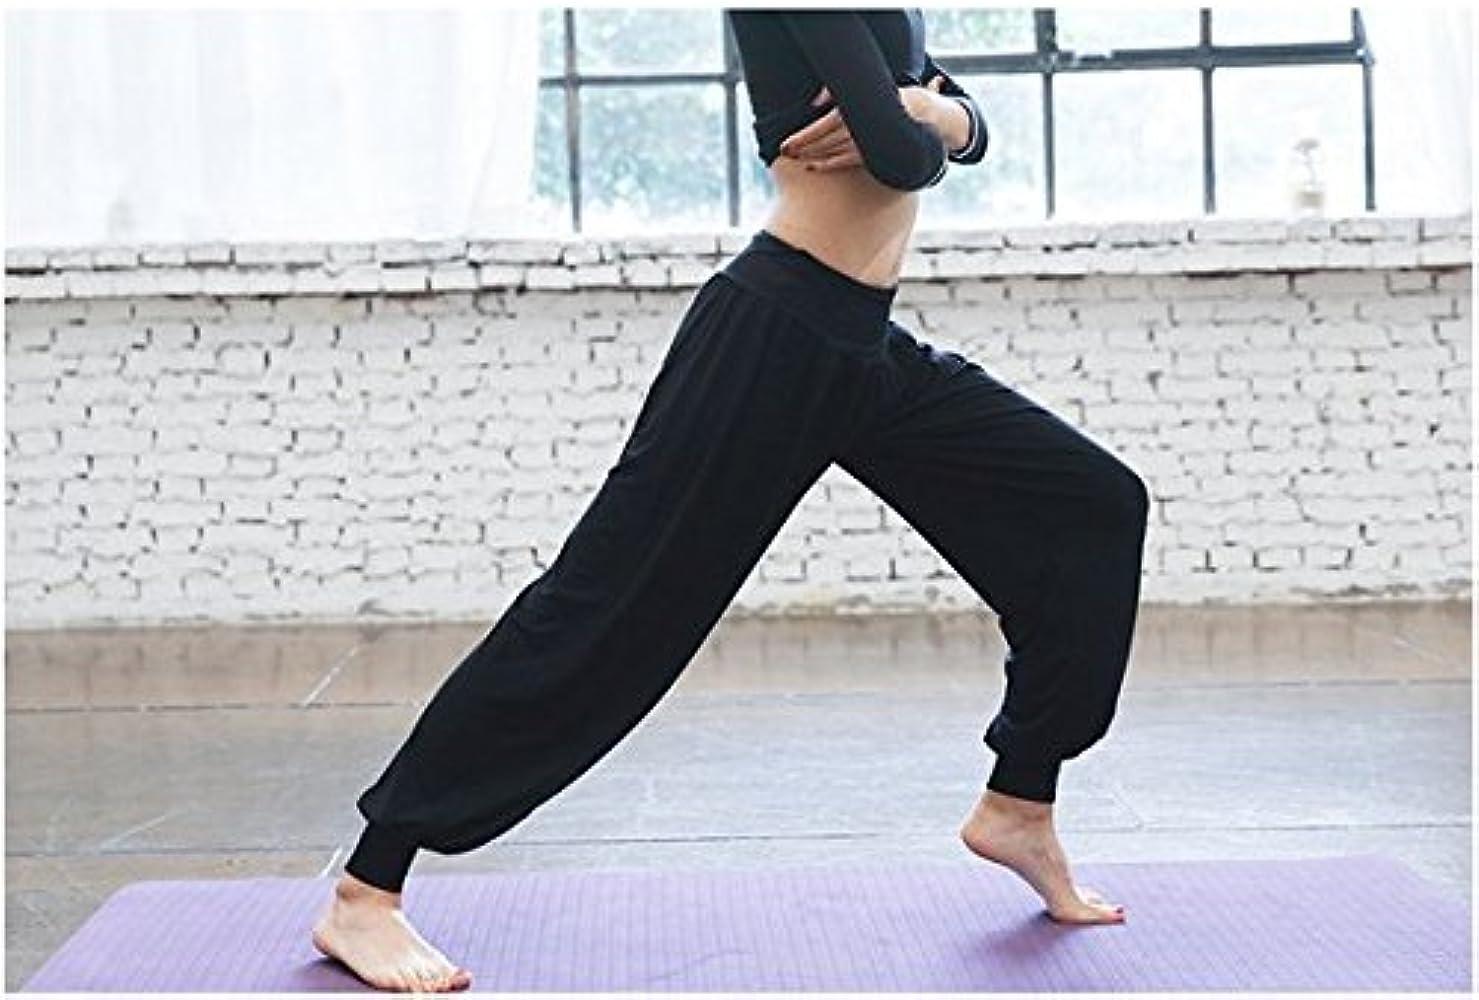 Leisial Pantalones de Yoga Algodón Suave Piernas Pantalones Anchos Sólido Color Elástico Pretina Pantalones Bombachos de Fitness Bailan Deportivo para Mujeres, Negro XL (XXL) (S): Amazon.es: Ropa y accesorios